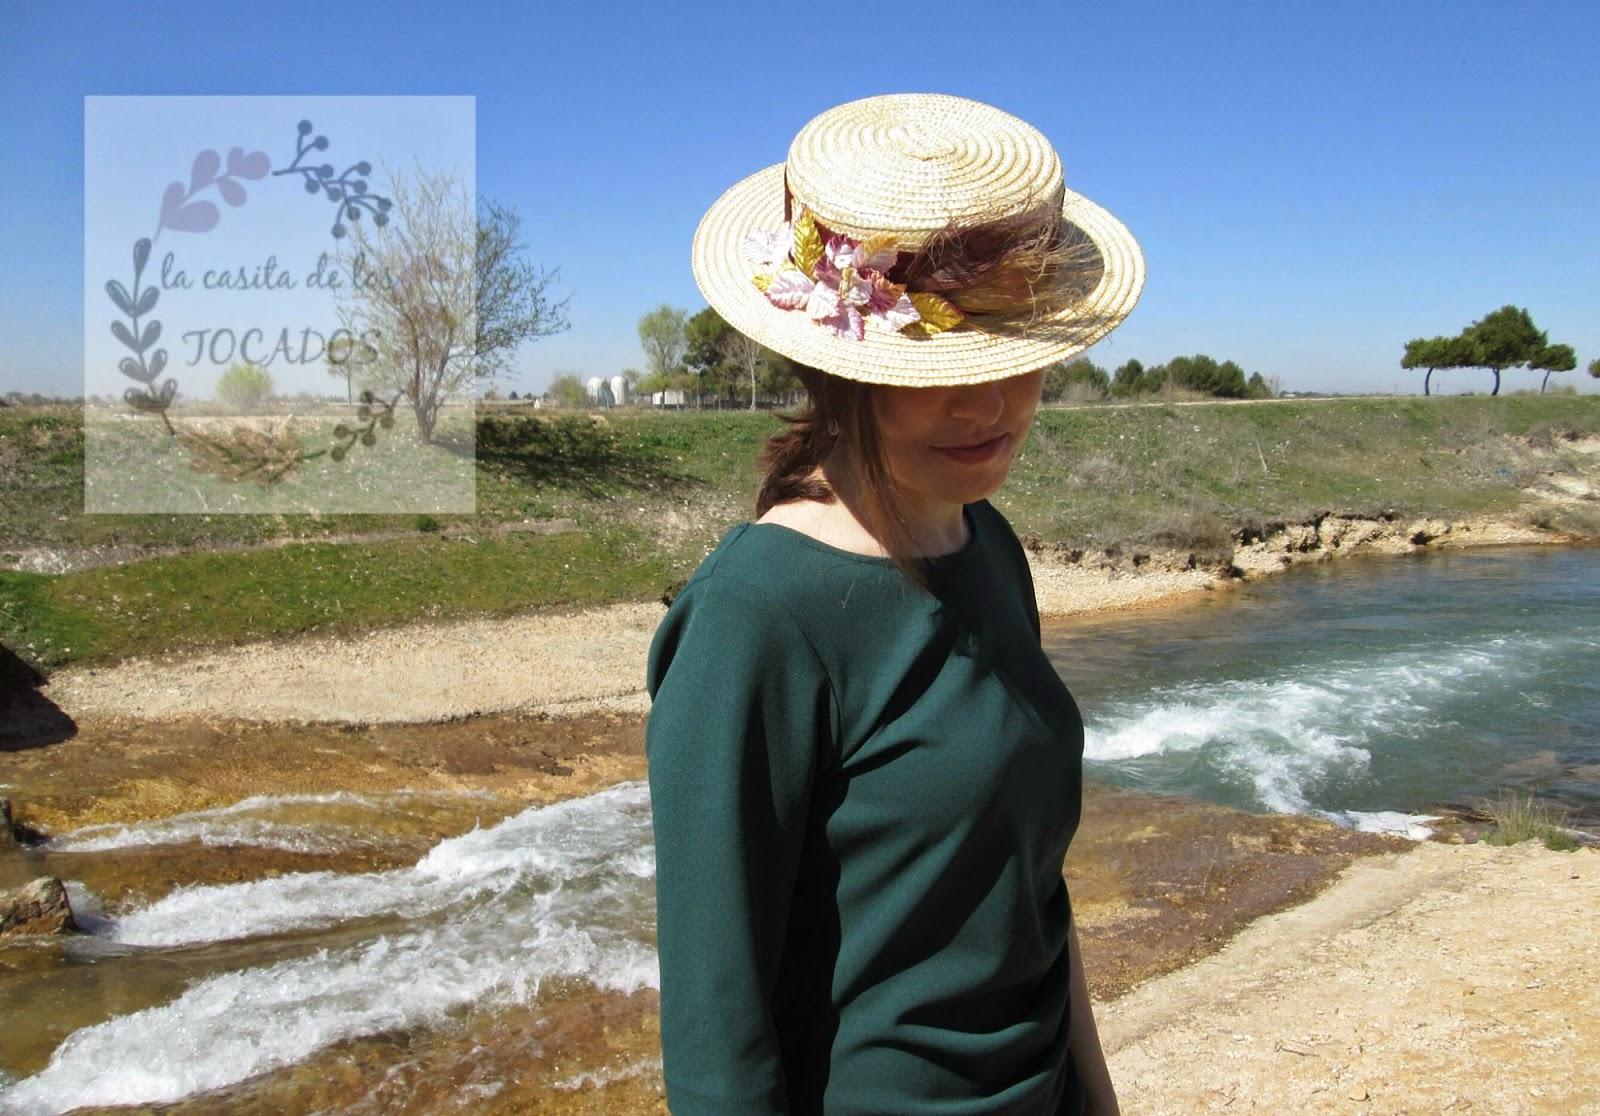 Canotier Melíade con plumas y hojas en dorado, lavanda y morado, combinado con vestido en color verde.